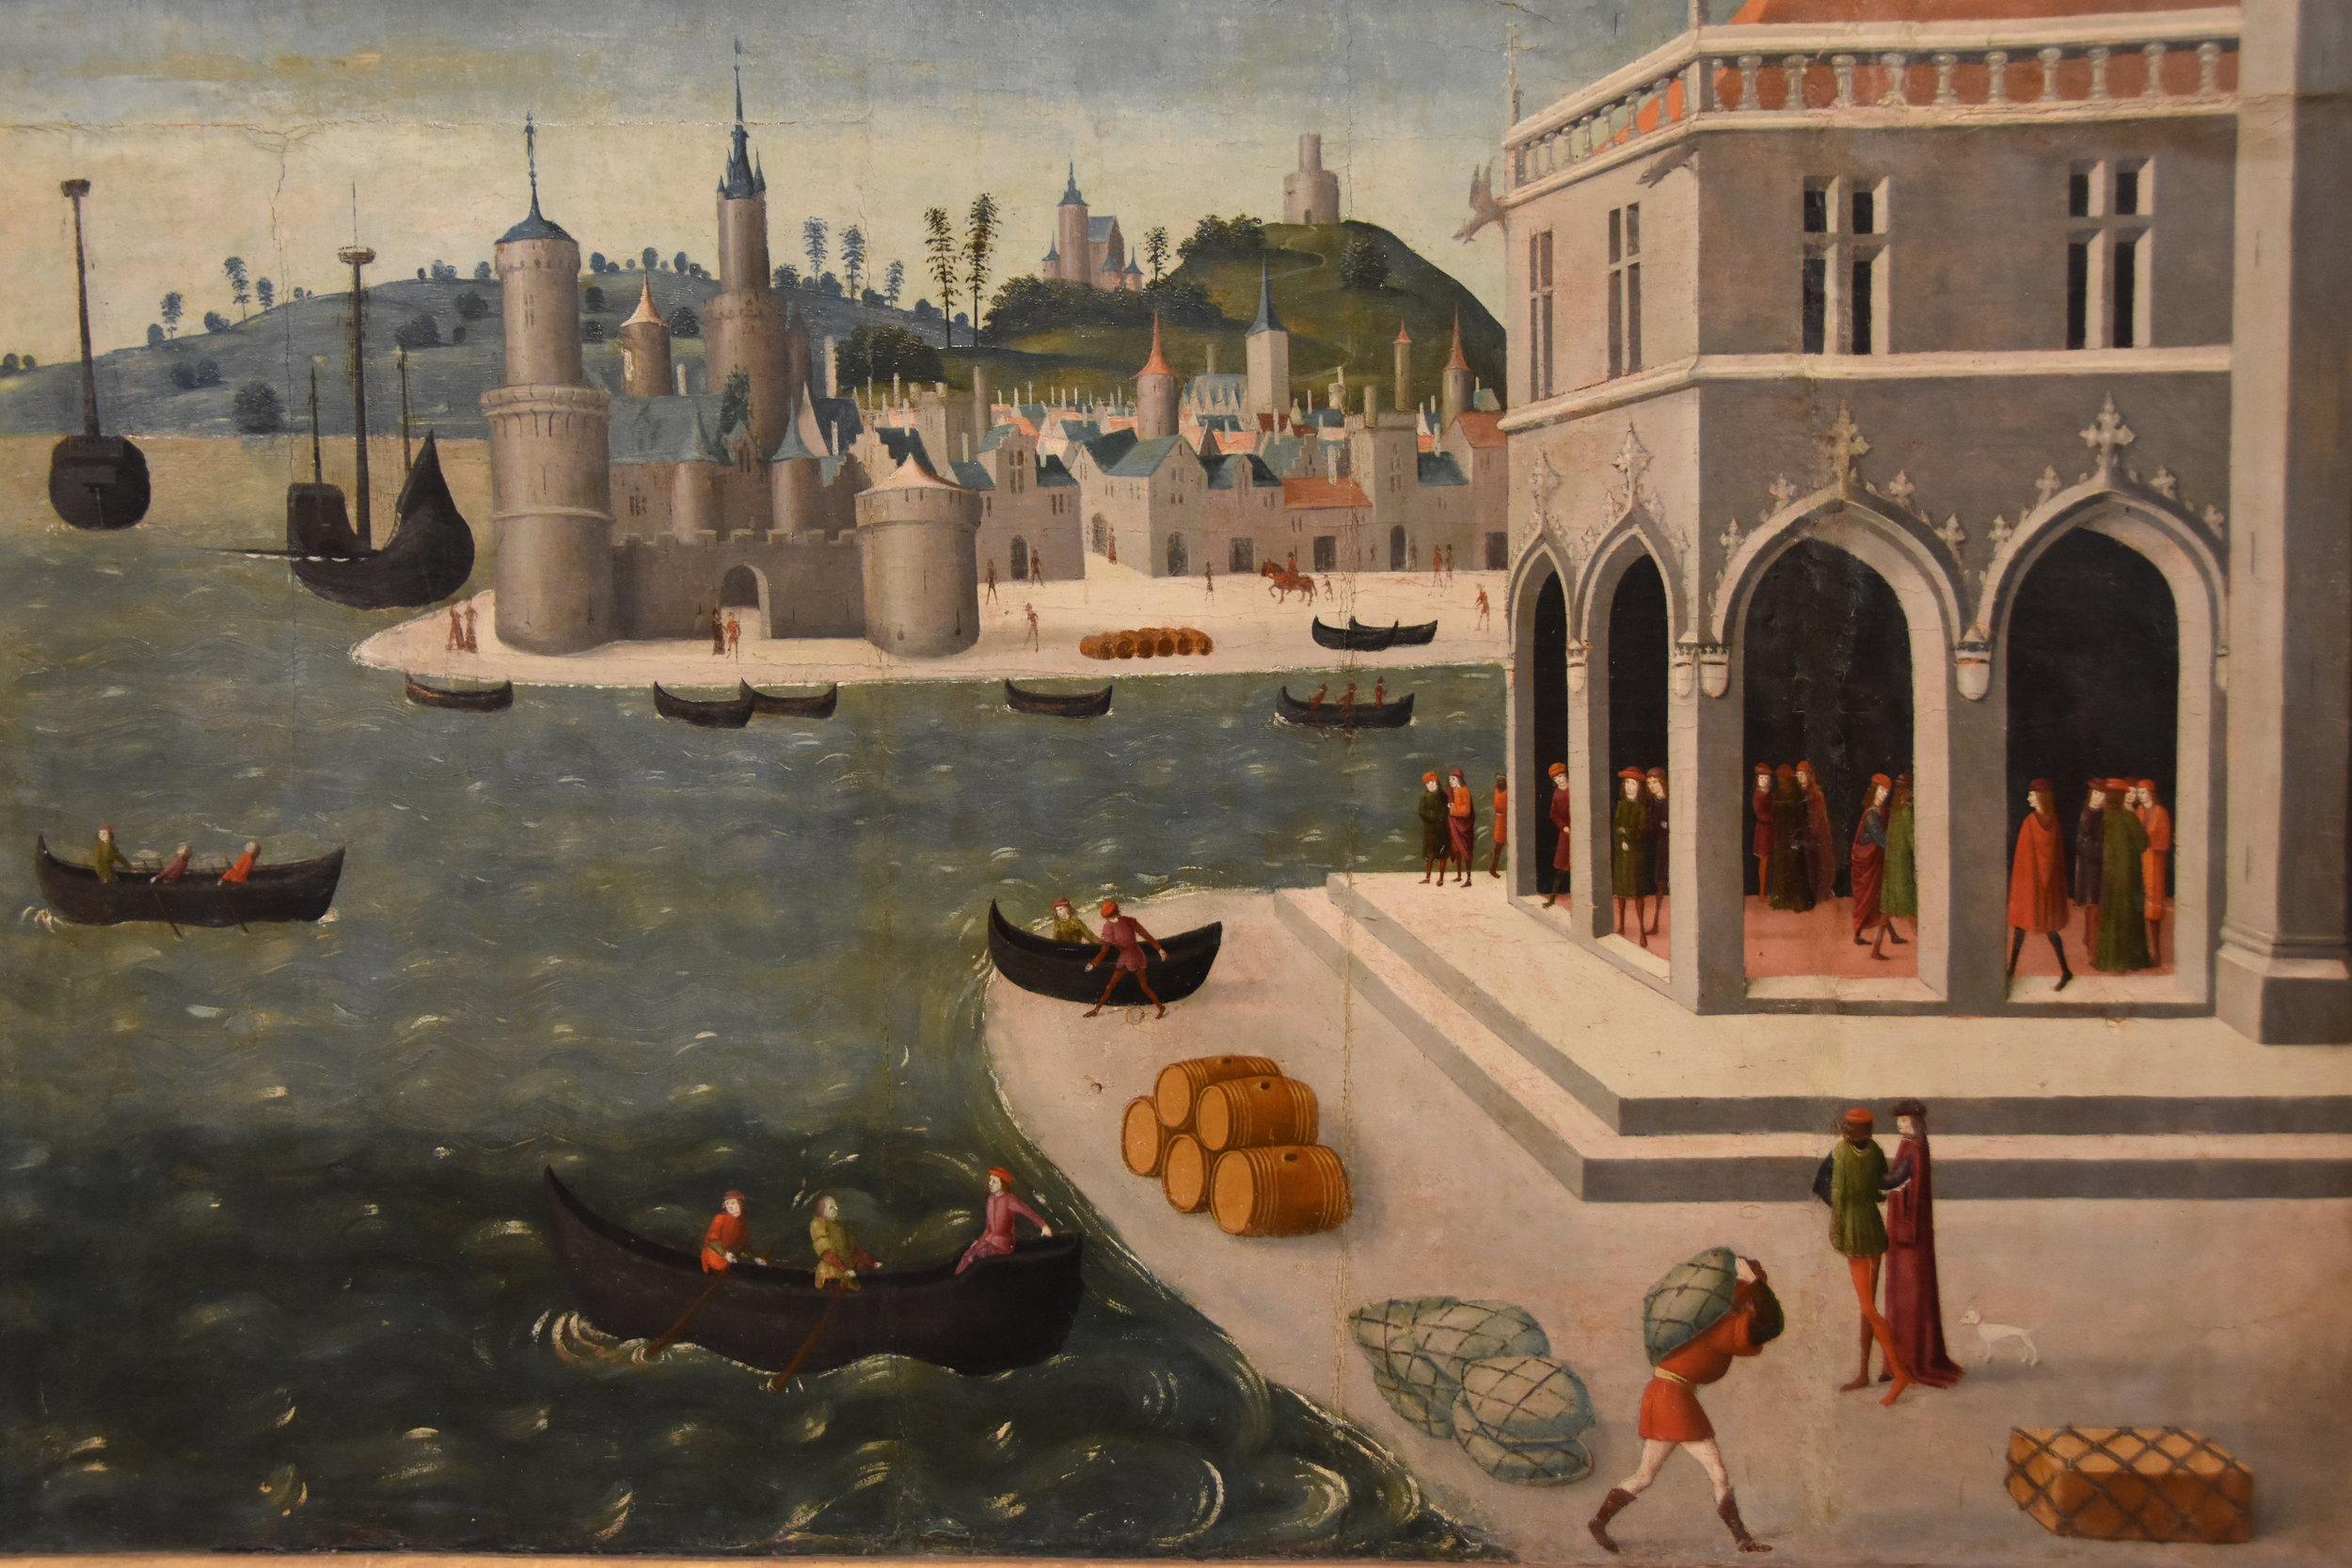 Retaule_de_la_Trinitat_1489._Museu_Rigau_Perpinyà_3.jpg